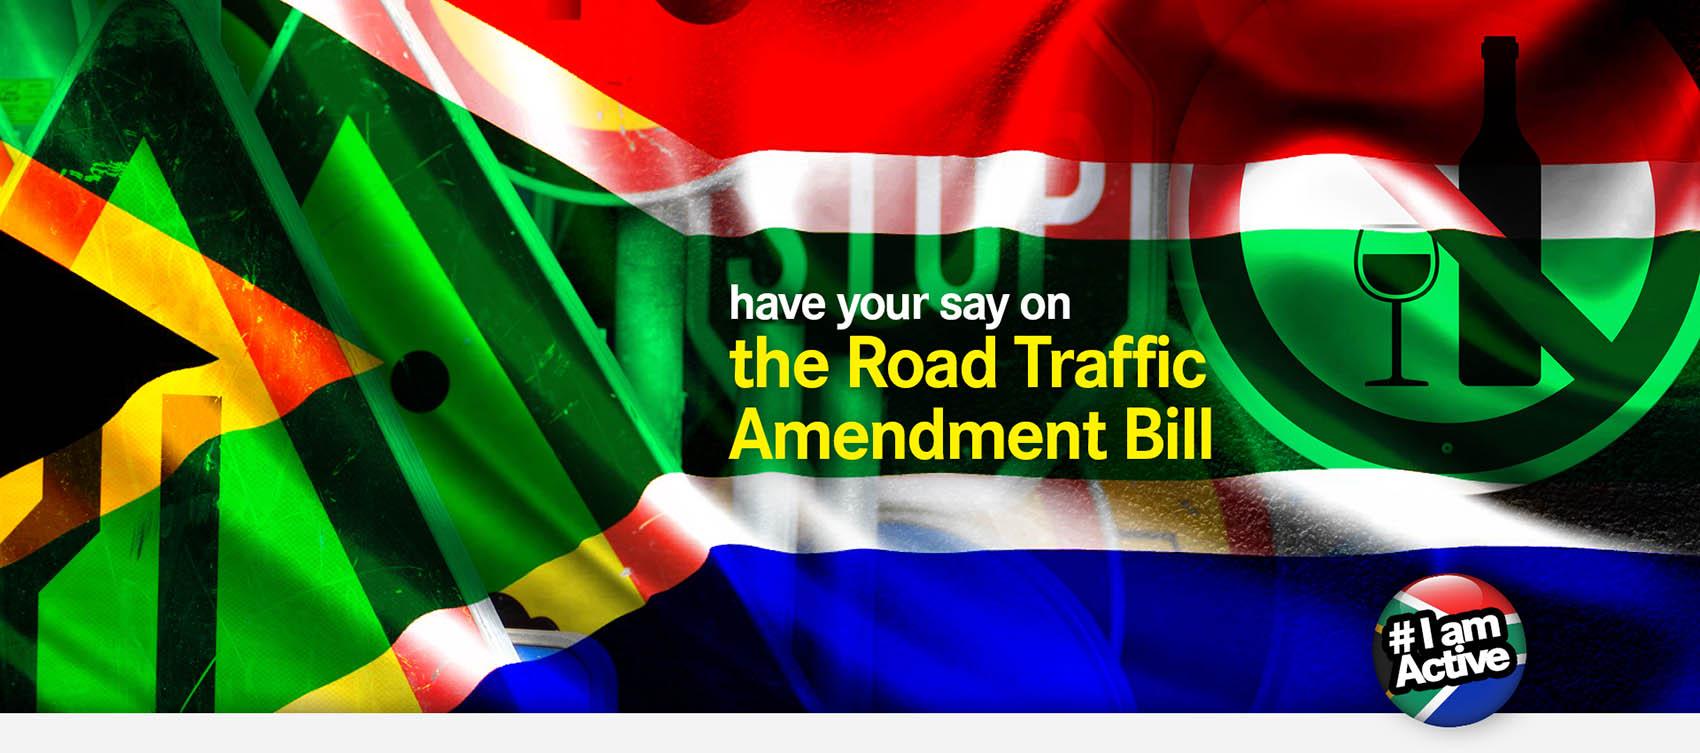 DearSA-road-traffic-amendment